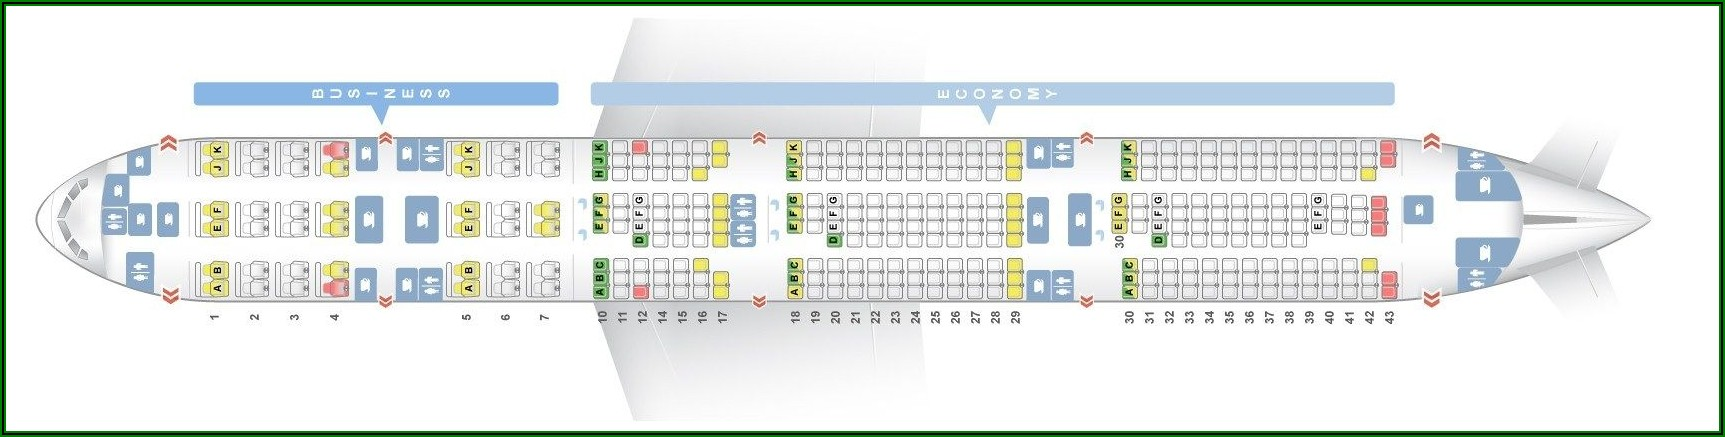 Boeing 777 300er Seat Map Qatar Airways